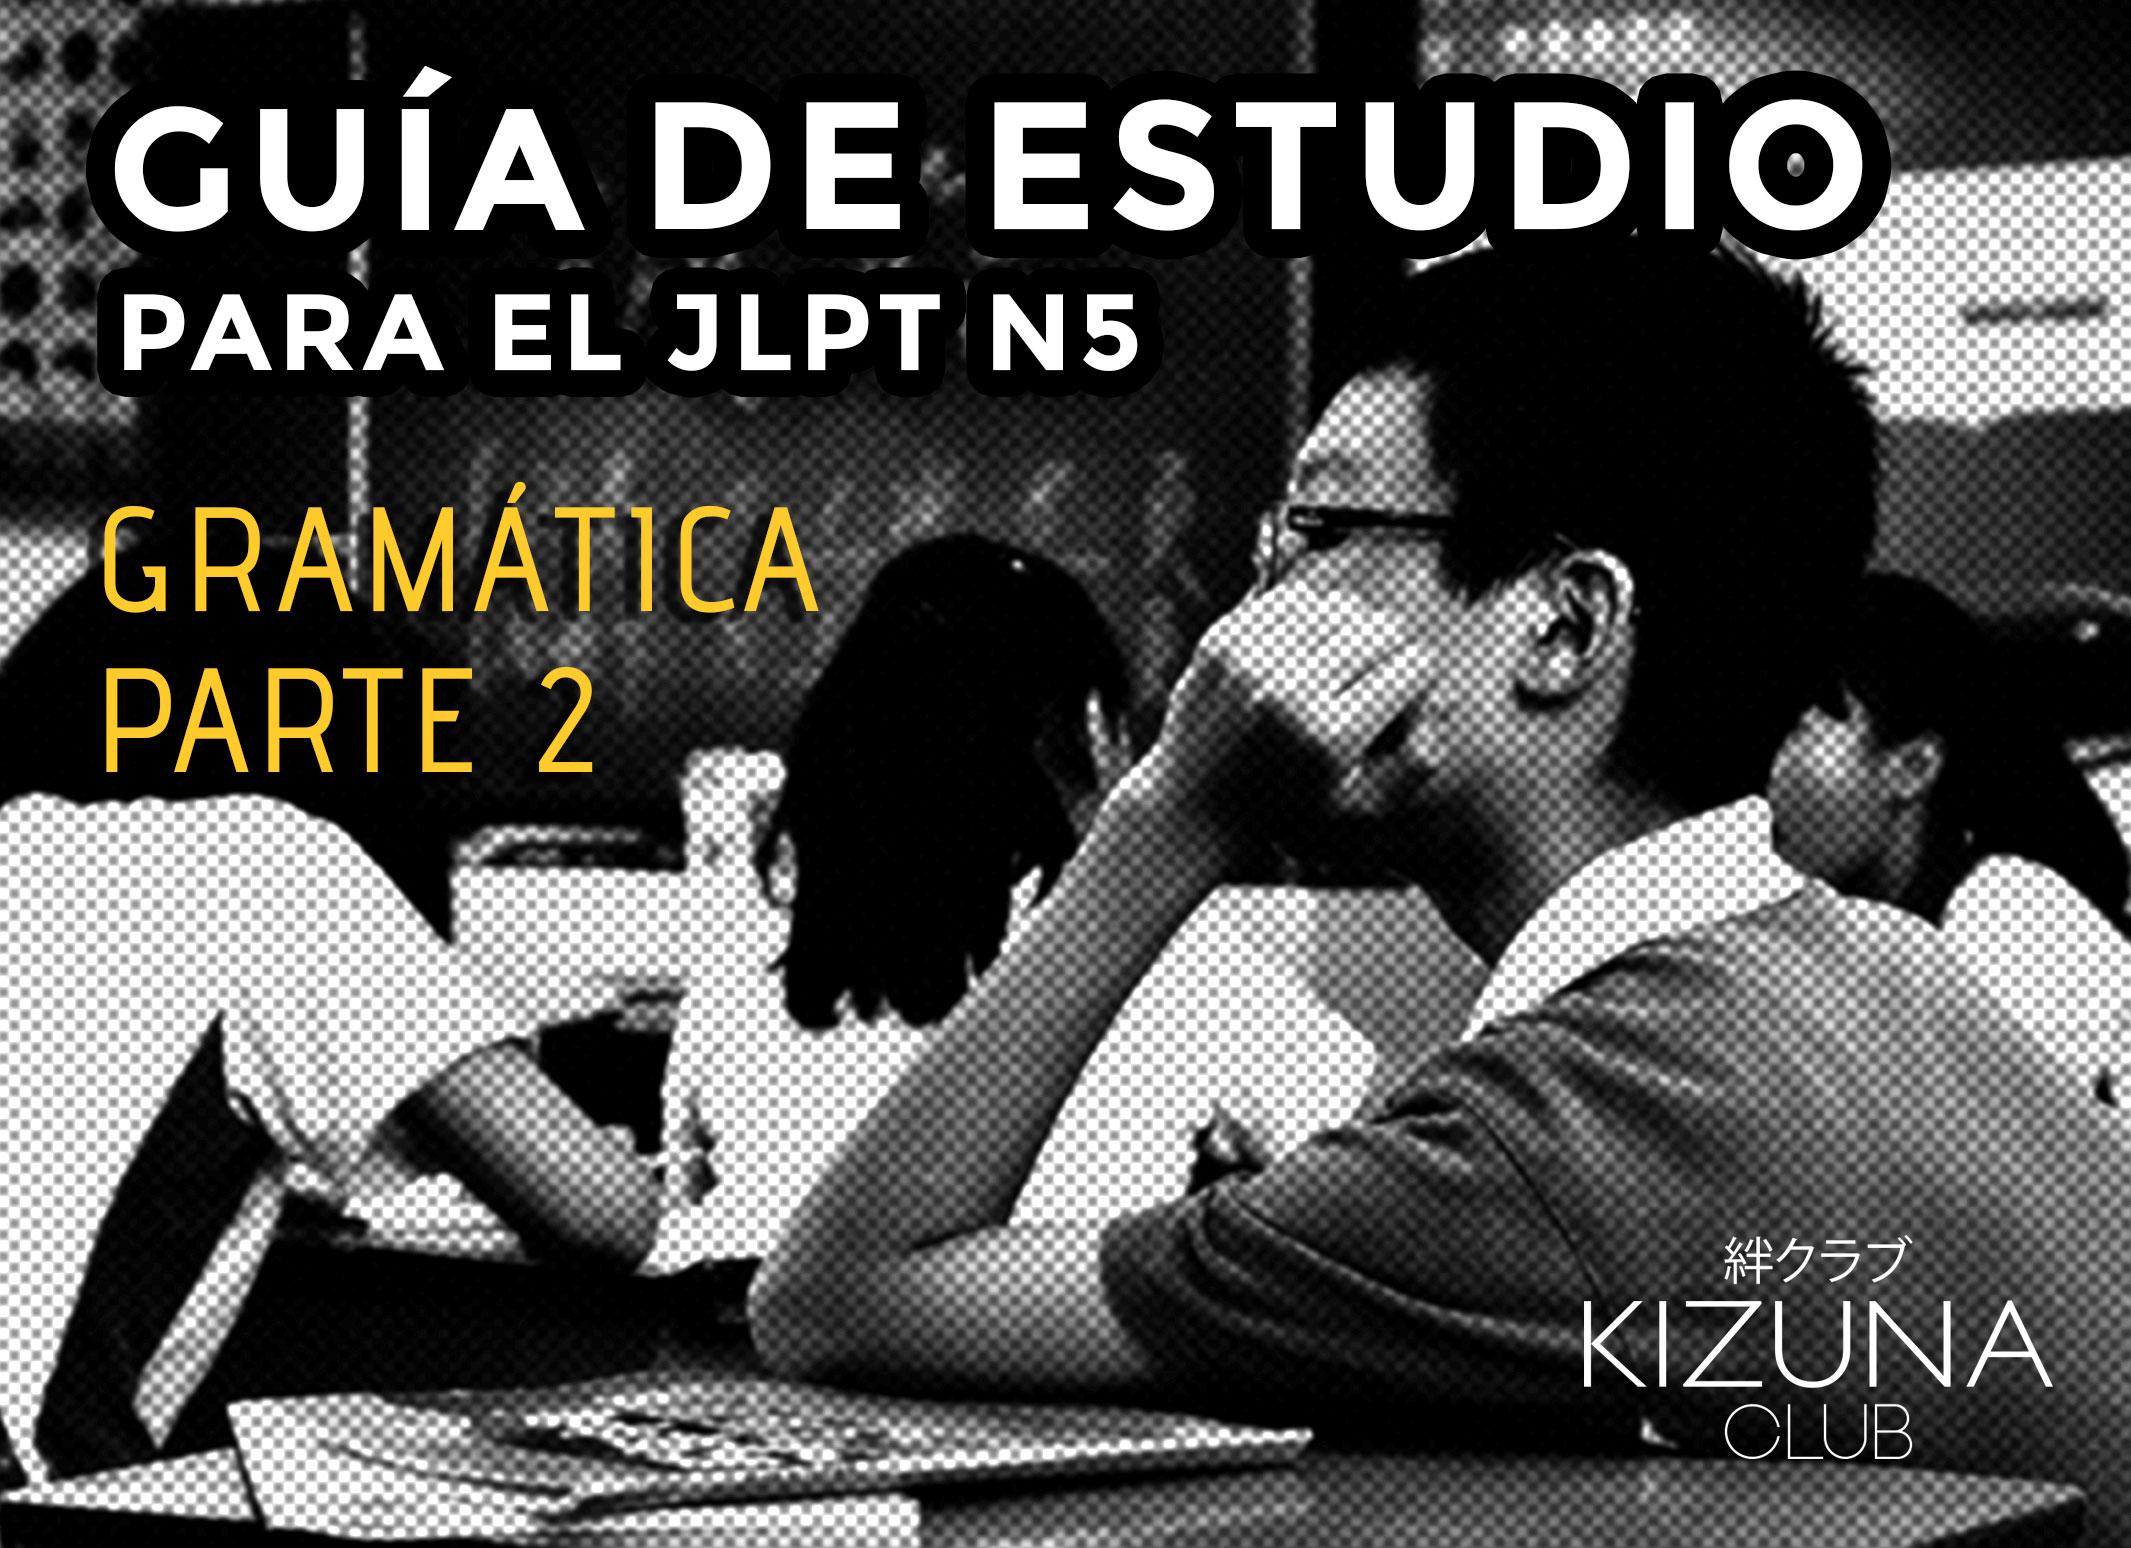 Guía de estudio para el JLPT N5: Gramática Parte 2